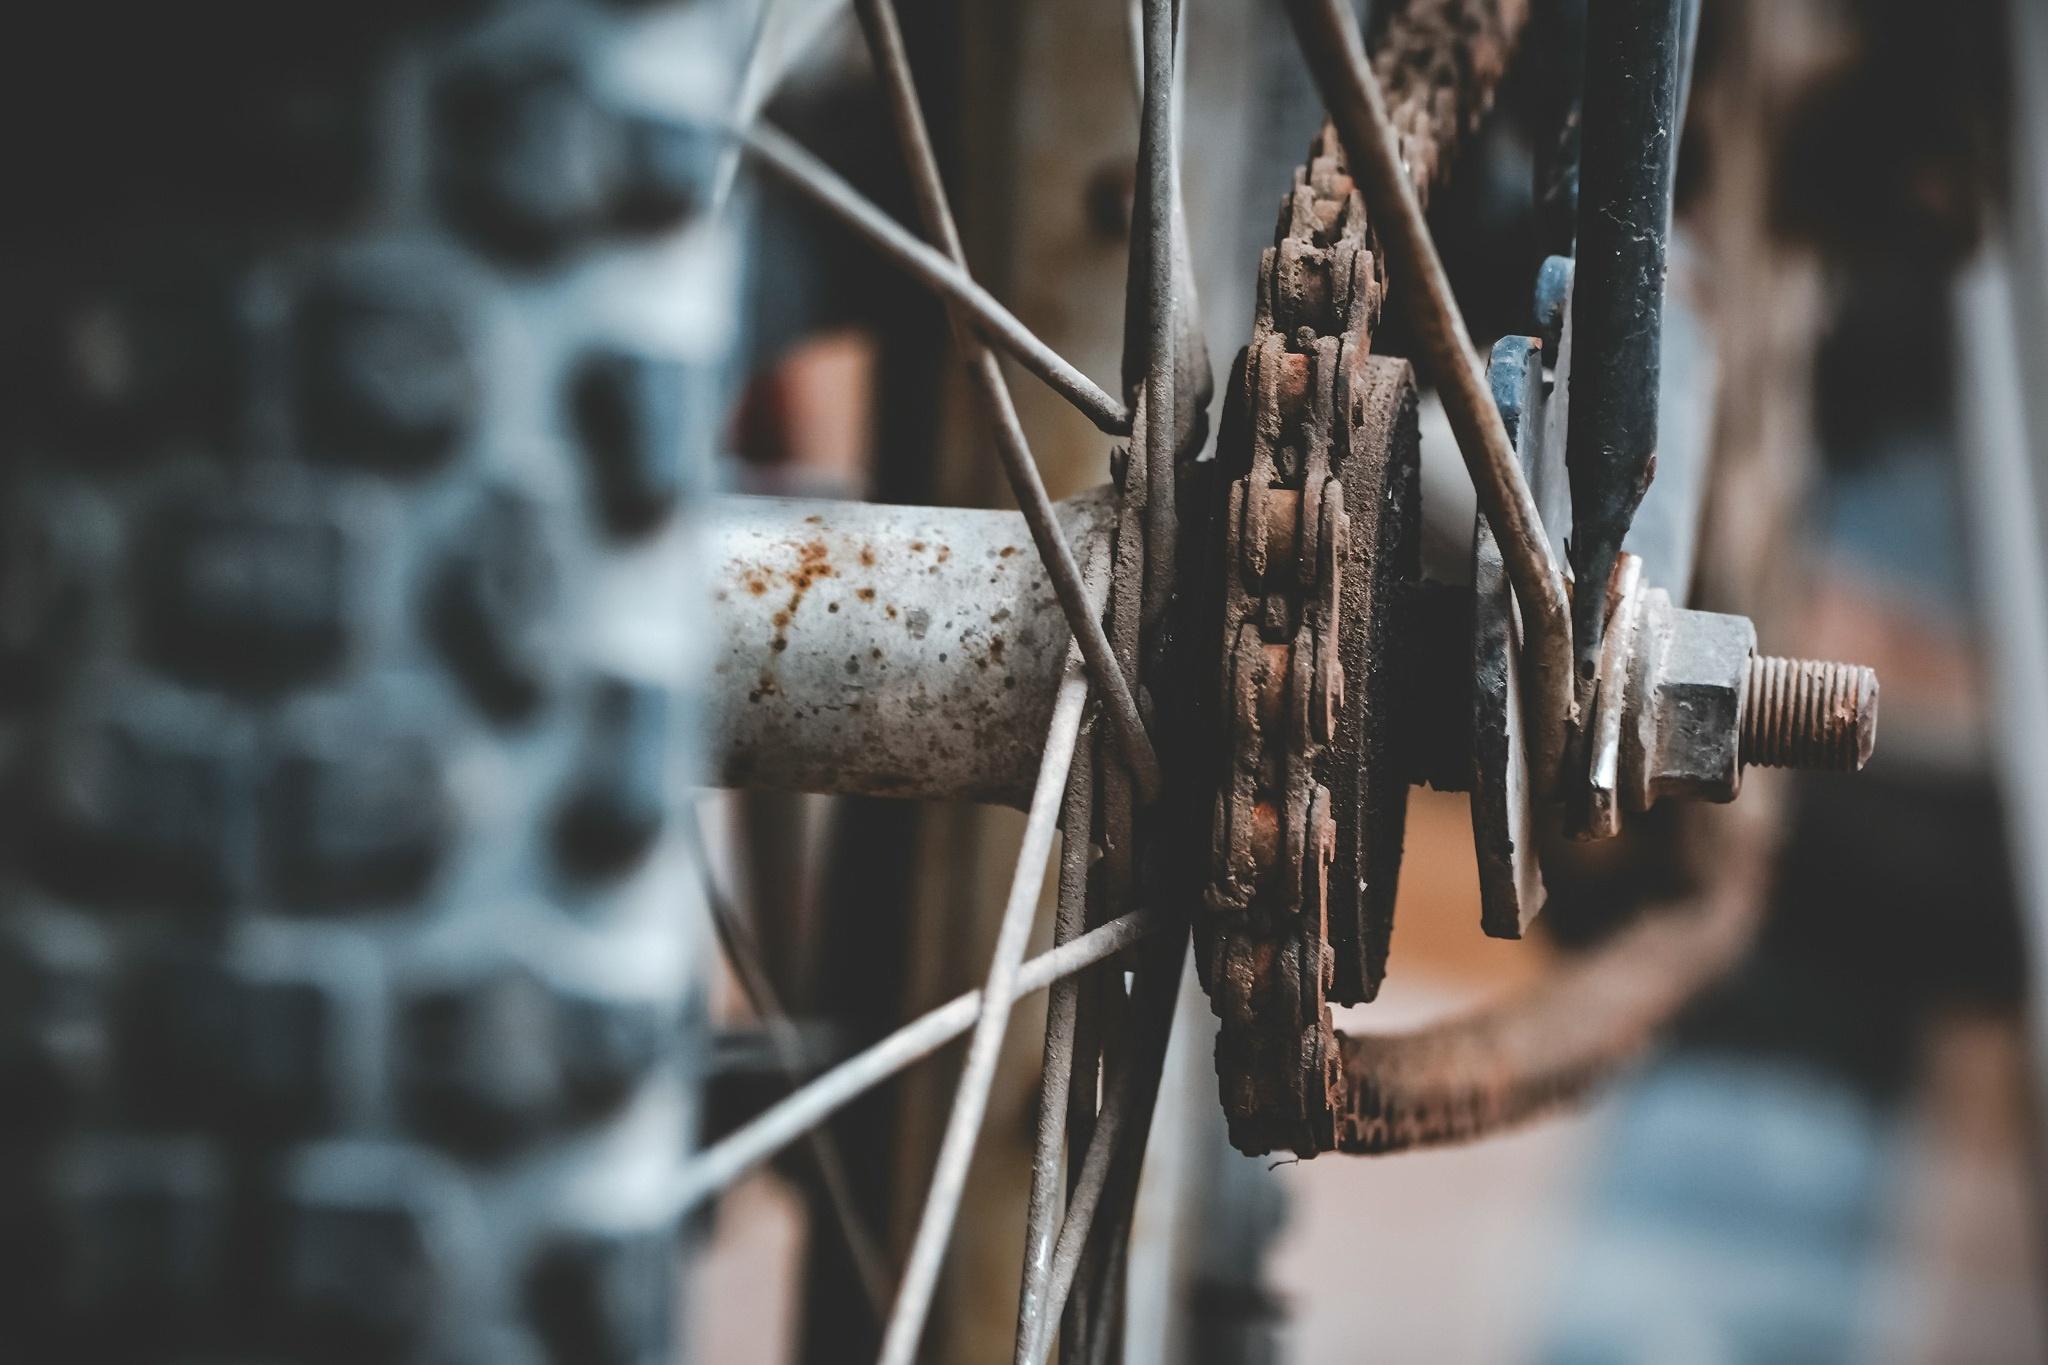 Ржавчина на велосипеде или как избежать коррозии металла